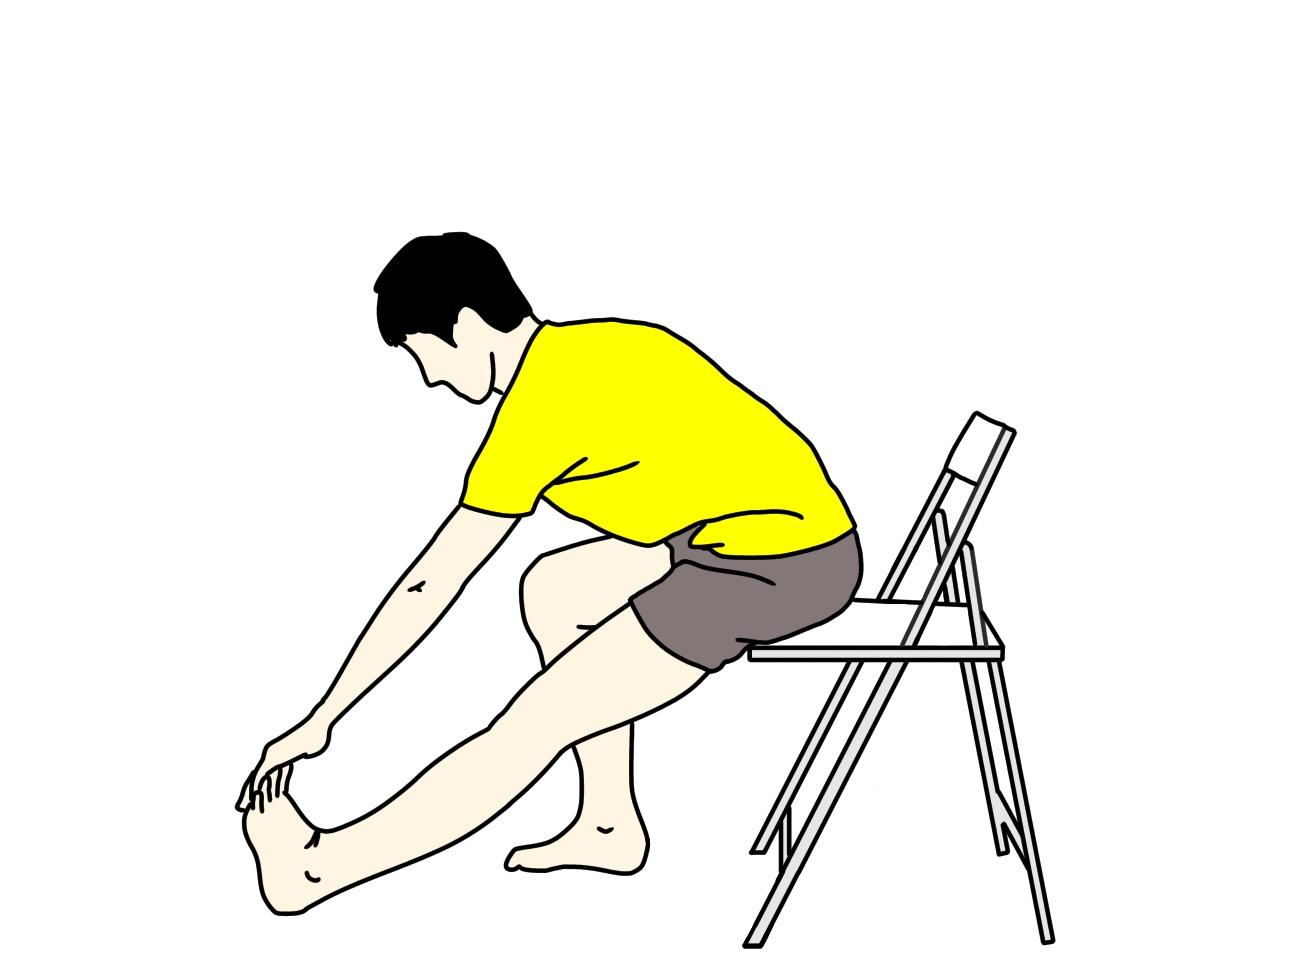 椅子に座った姿勢で行うもも裏(ハムストリングス)とふくらはぎのストレッチの方法